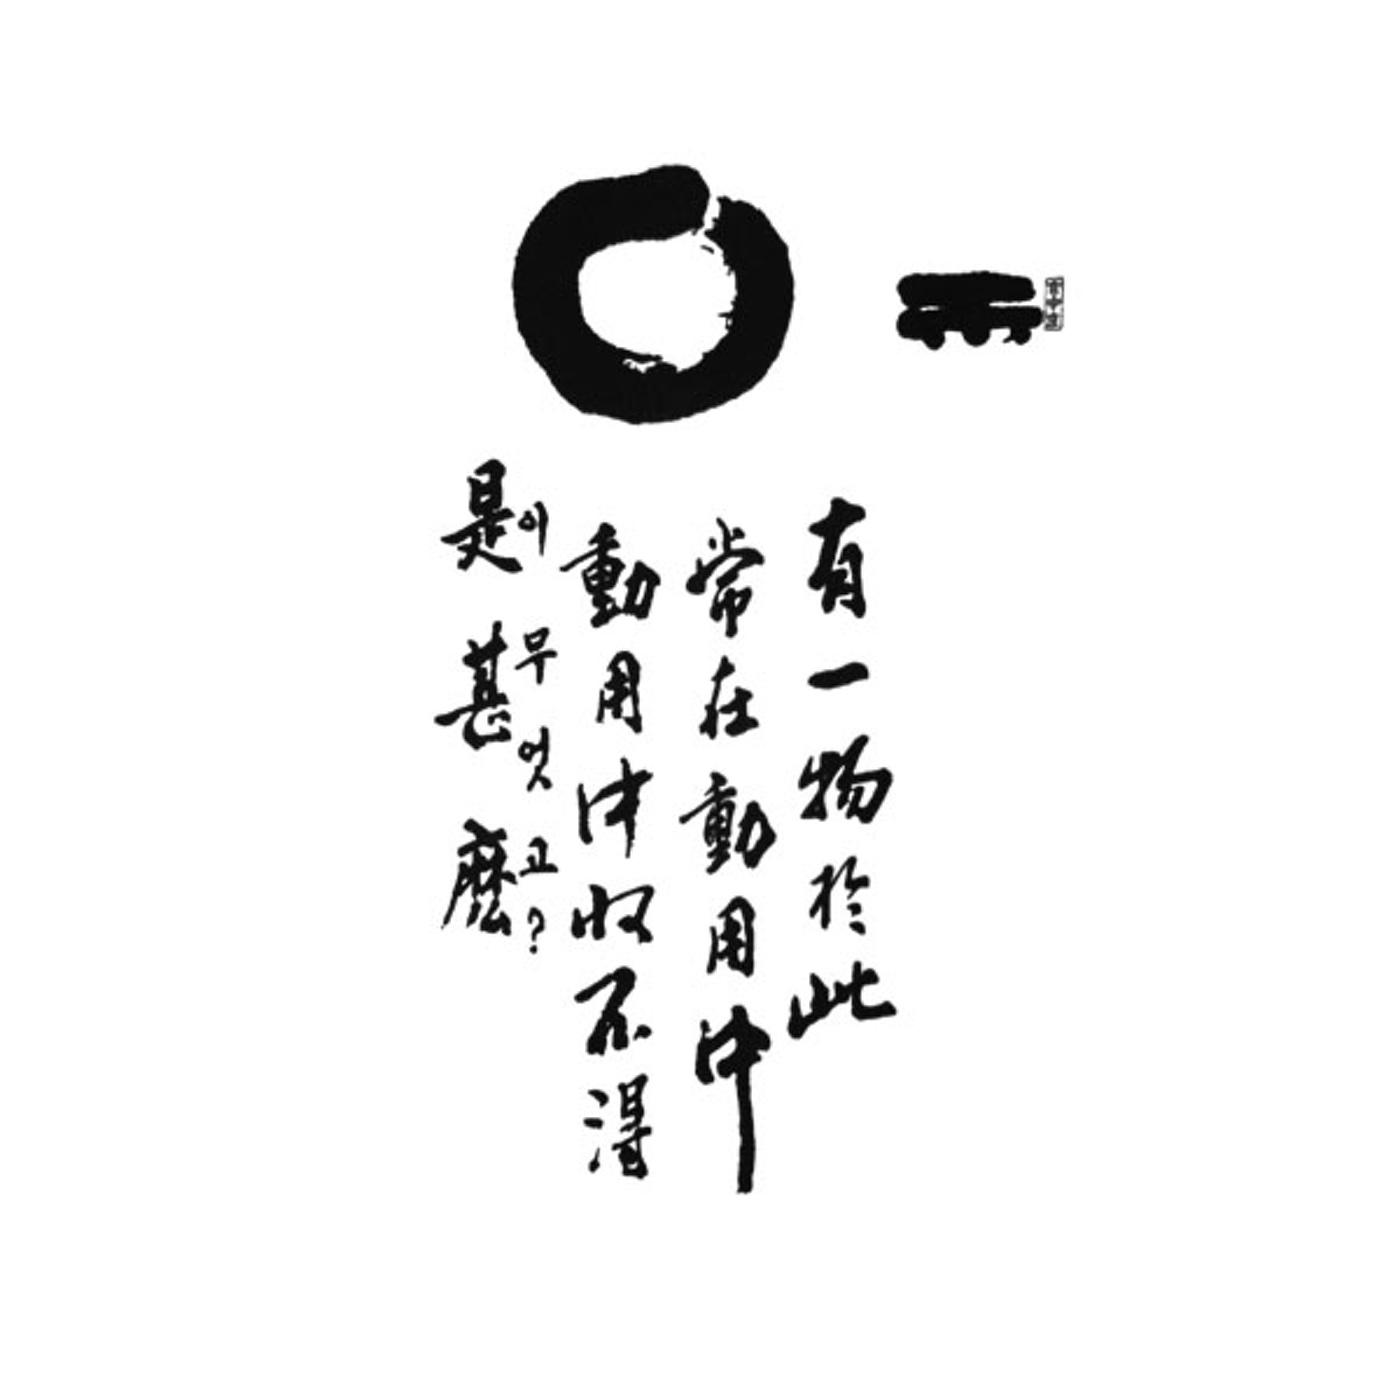 용화선원 - 영상법문